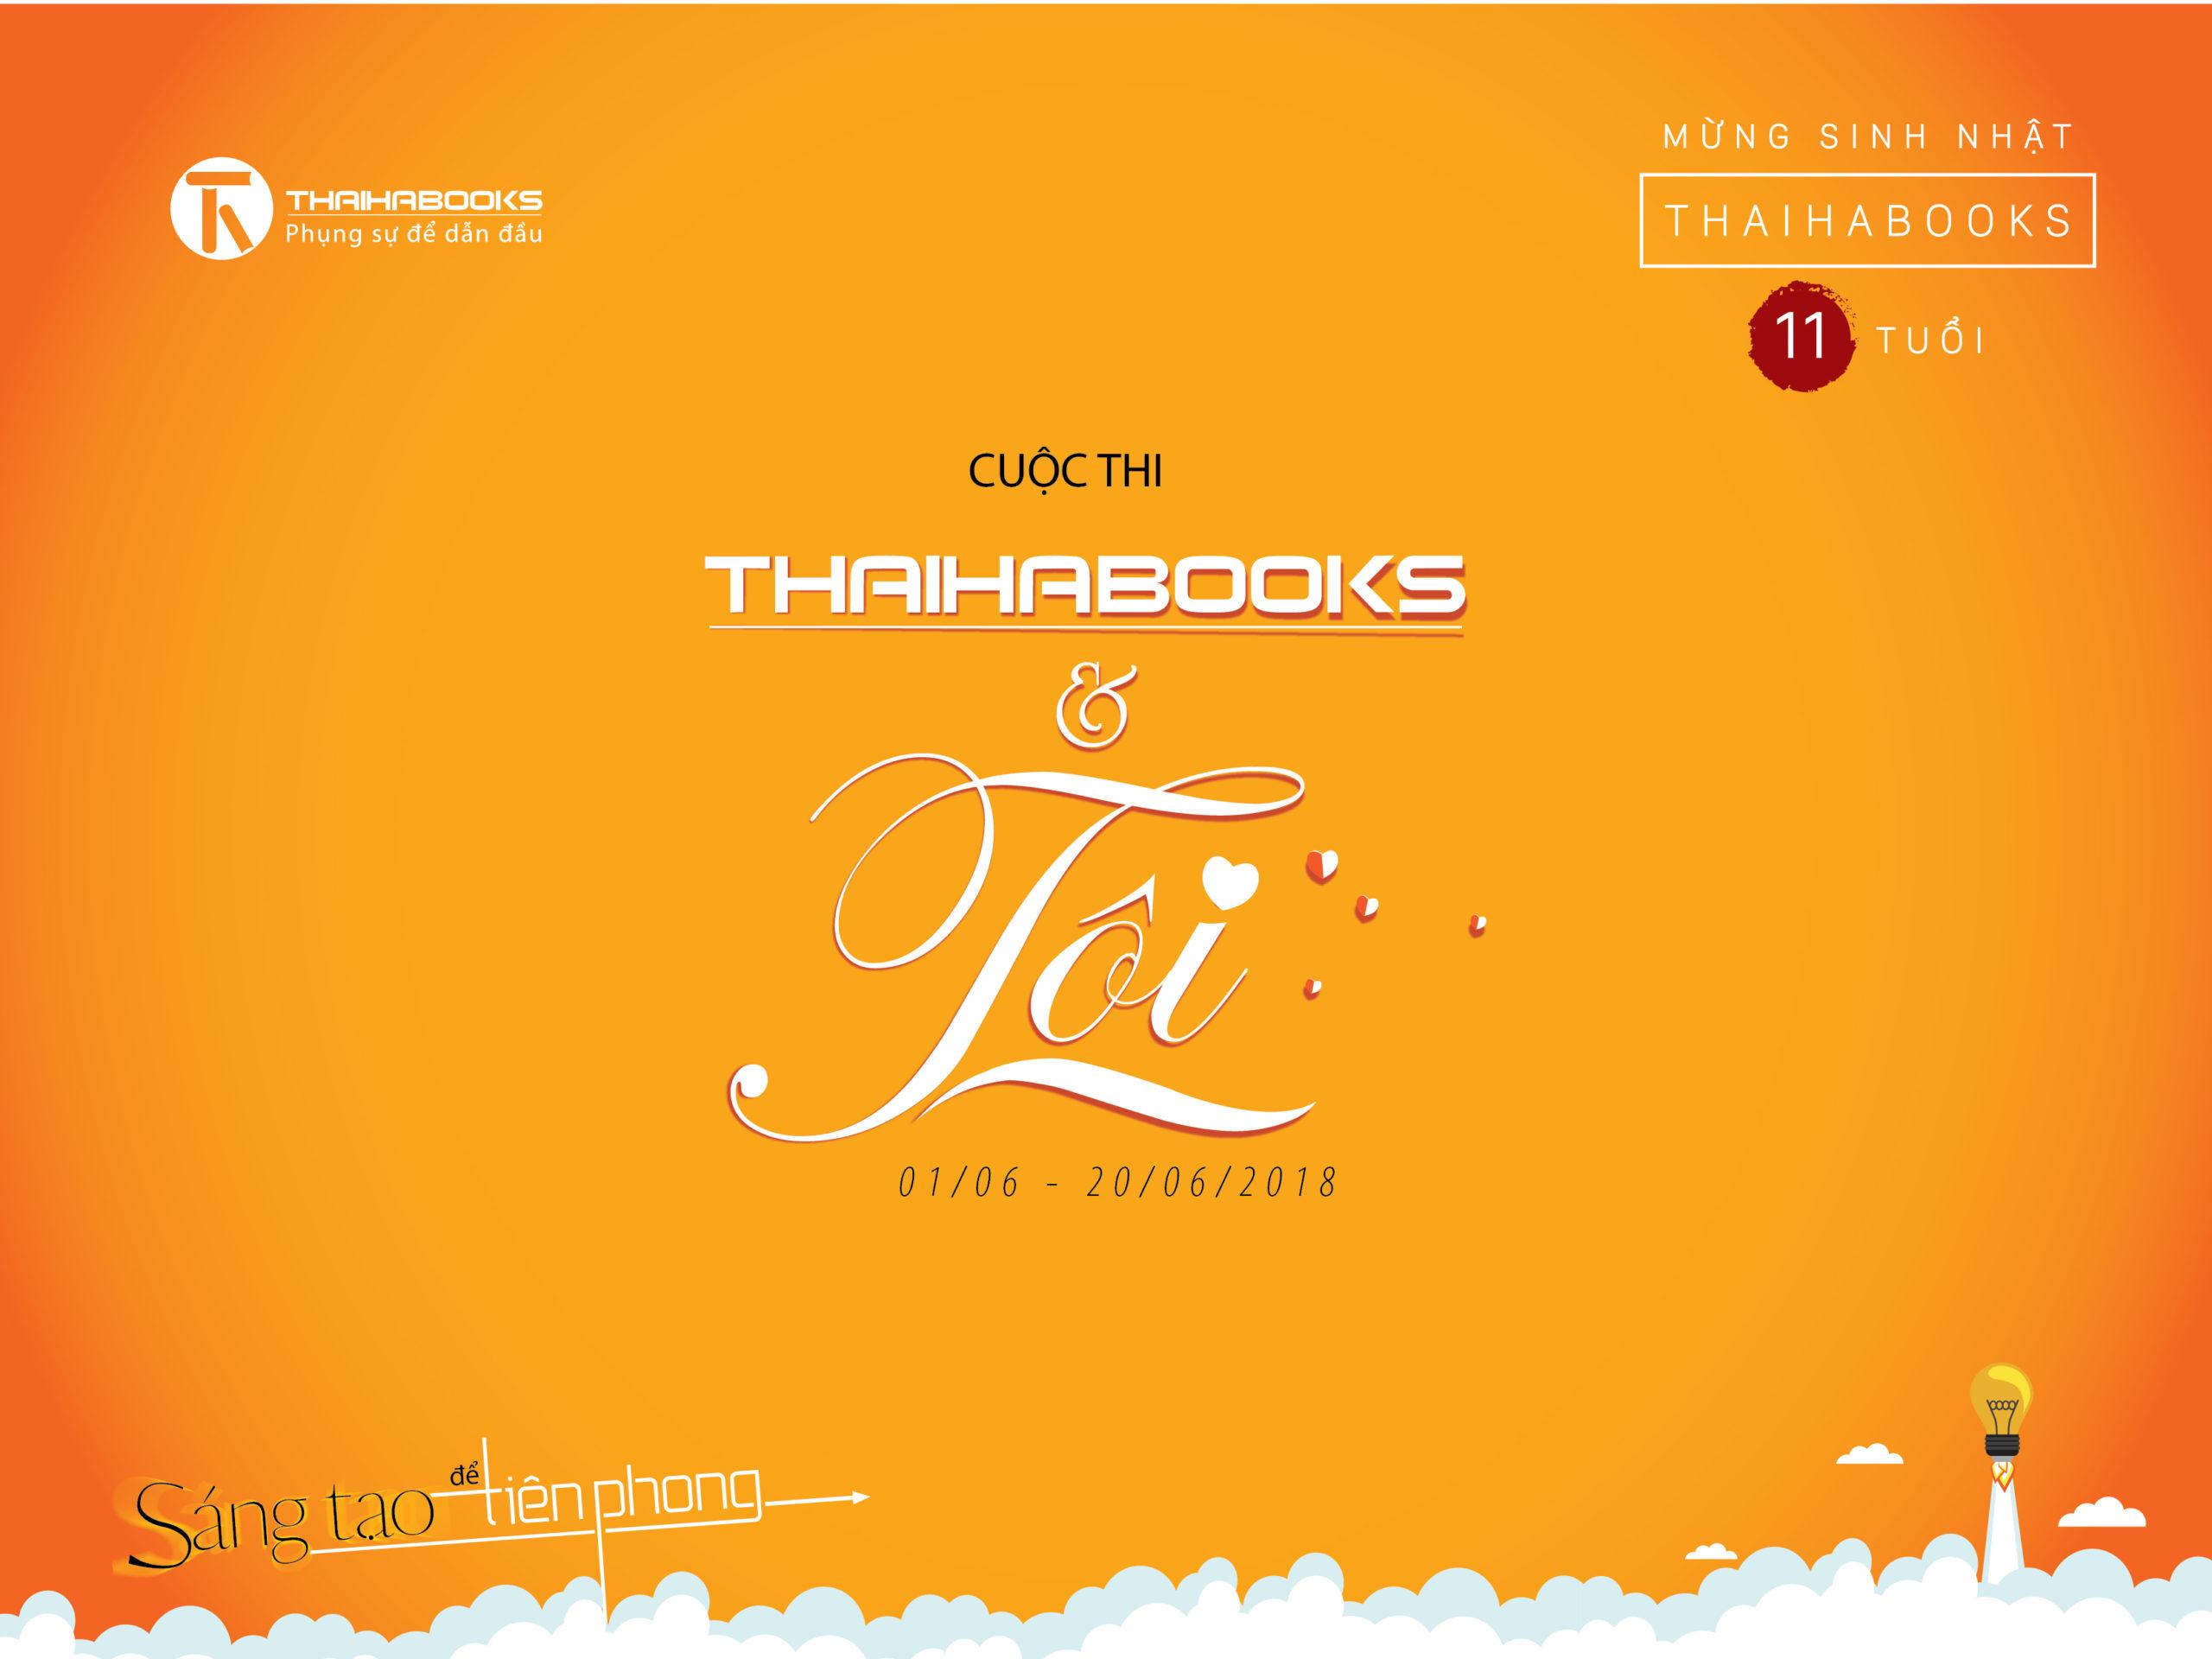 """Cuộc thi """"Thái Hà Books & Tôi """"Chào mừng sinh nhật Thái Hà Books lần thứ 11- Sáng tạo để tiên phong"""""""